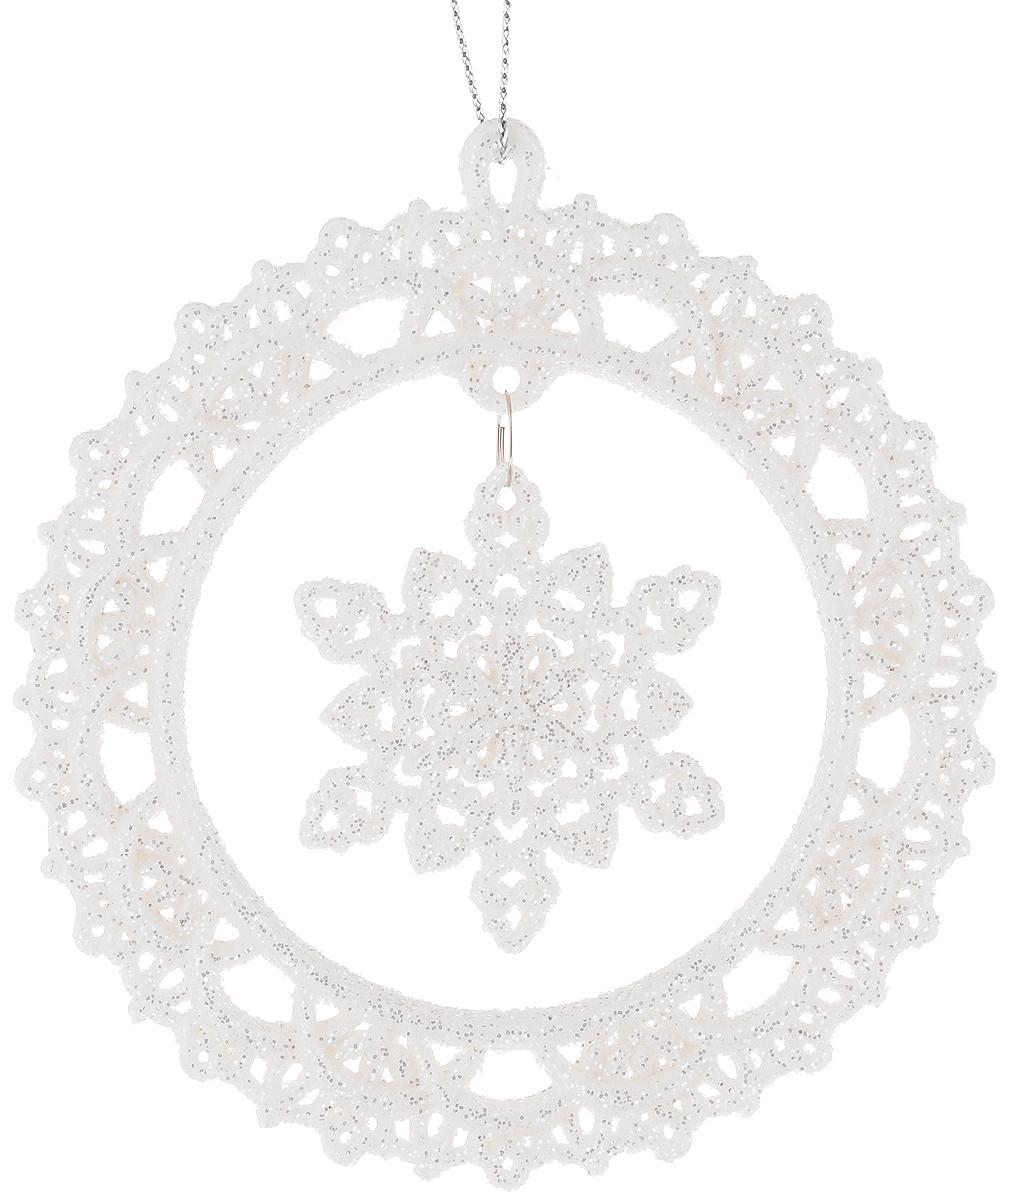 Украшение новогоднее подвесное Magic Time Снежинки в белых кружочках, 10,8 х 10,8 смMB980Новогоднее подвесное украшение Magic Time Снежинки в белых кружочках выполнено из пластмассы в виде ажурного круга со снежинкой-подвеской внутри и украшено блестками. С помощью специальной петельки украшение можно повесить в любом понравившемся вам месте. Но, конечно, удачнее всего оно будет смотреться на праздничной елке.Елочная игрушка - символ Нового года. Она несет в себе волшебство и красоту праздника. Создайте в своем доме атмосферу веселья и радости, украшая новогоднюю елку нарядными игрушками, которые будут из года в год накапливать теплоту воспоминаний.Материал: пластмасса.Размер: 10,8 х 10,8 см.